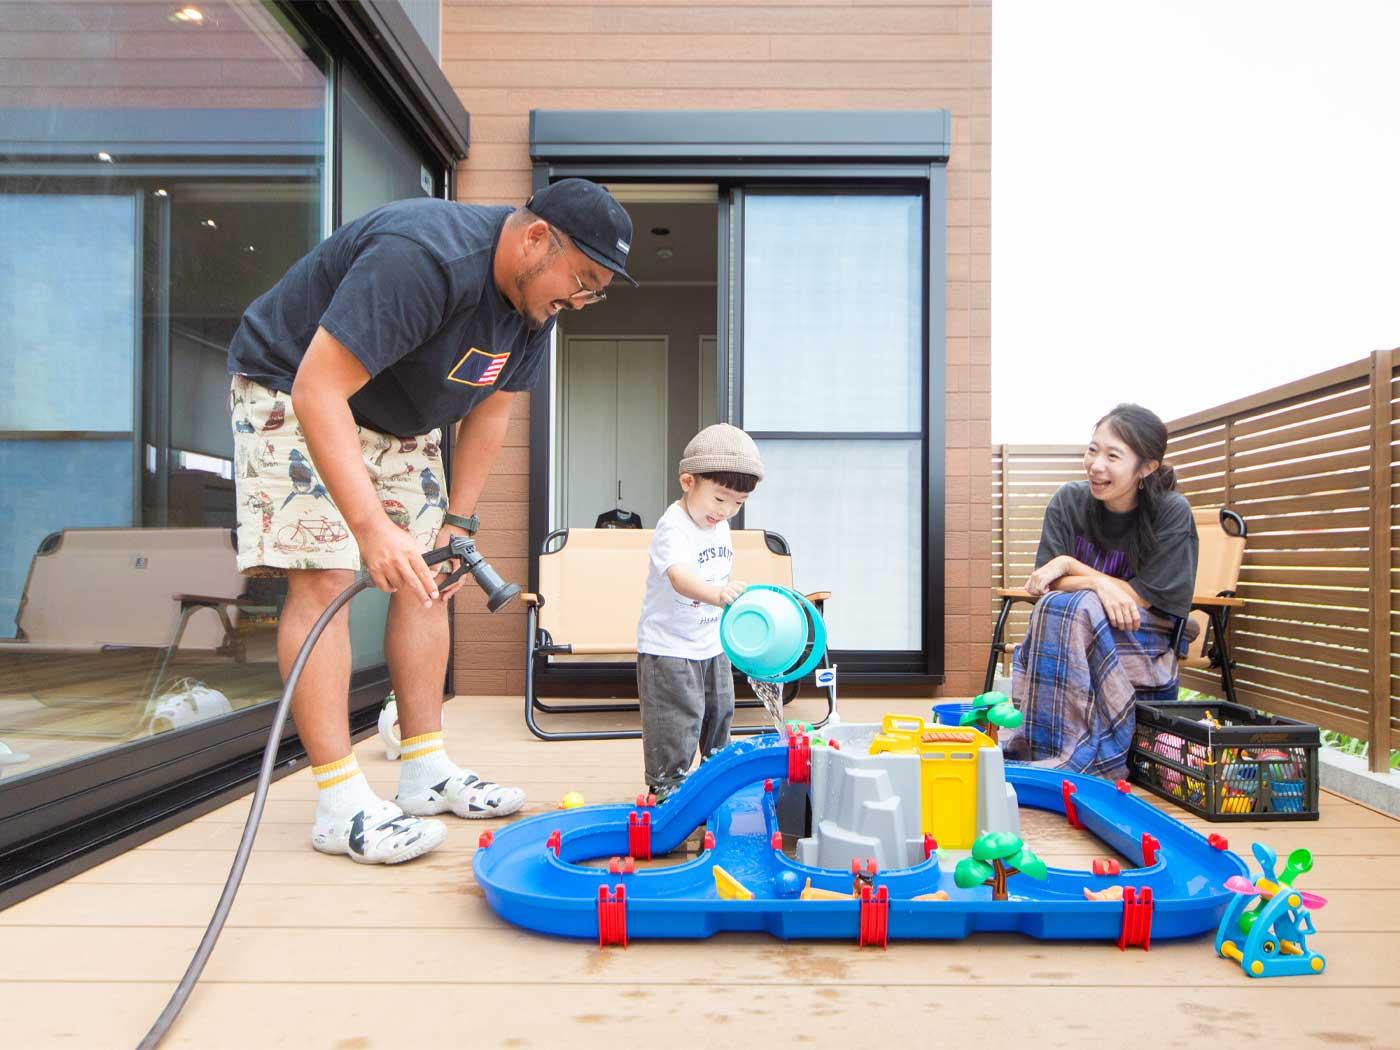 広々としたウッドデッキは、お子さんの遊び場にもぴったり。